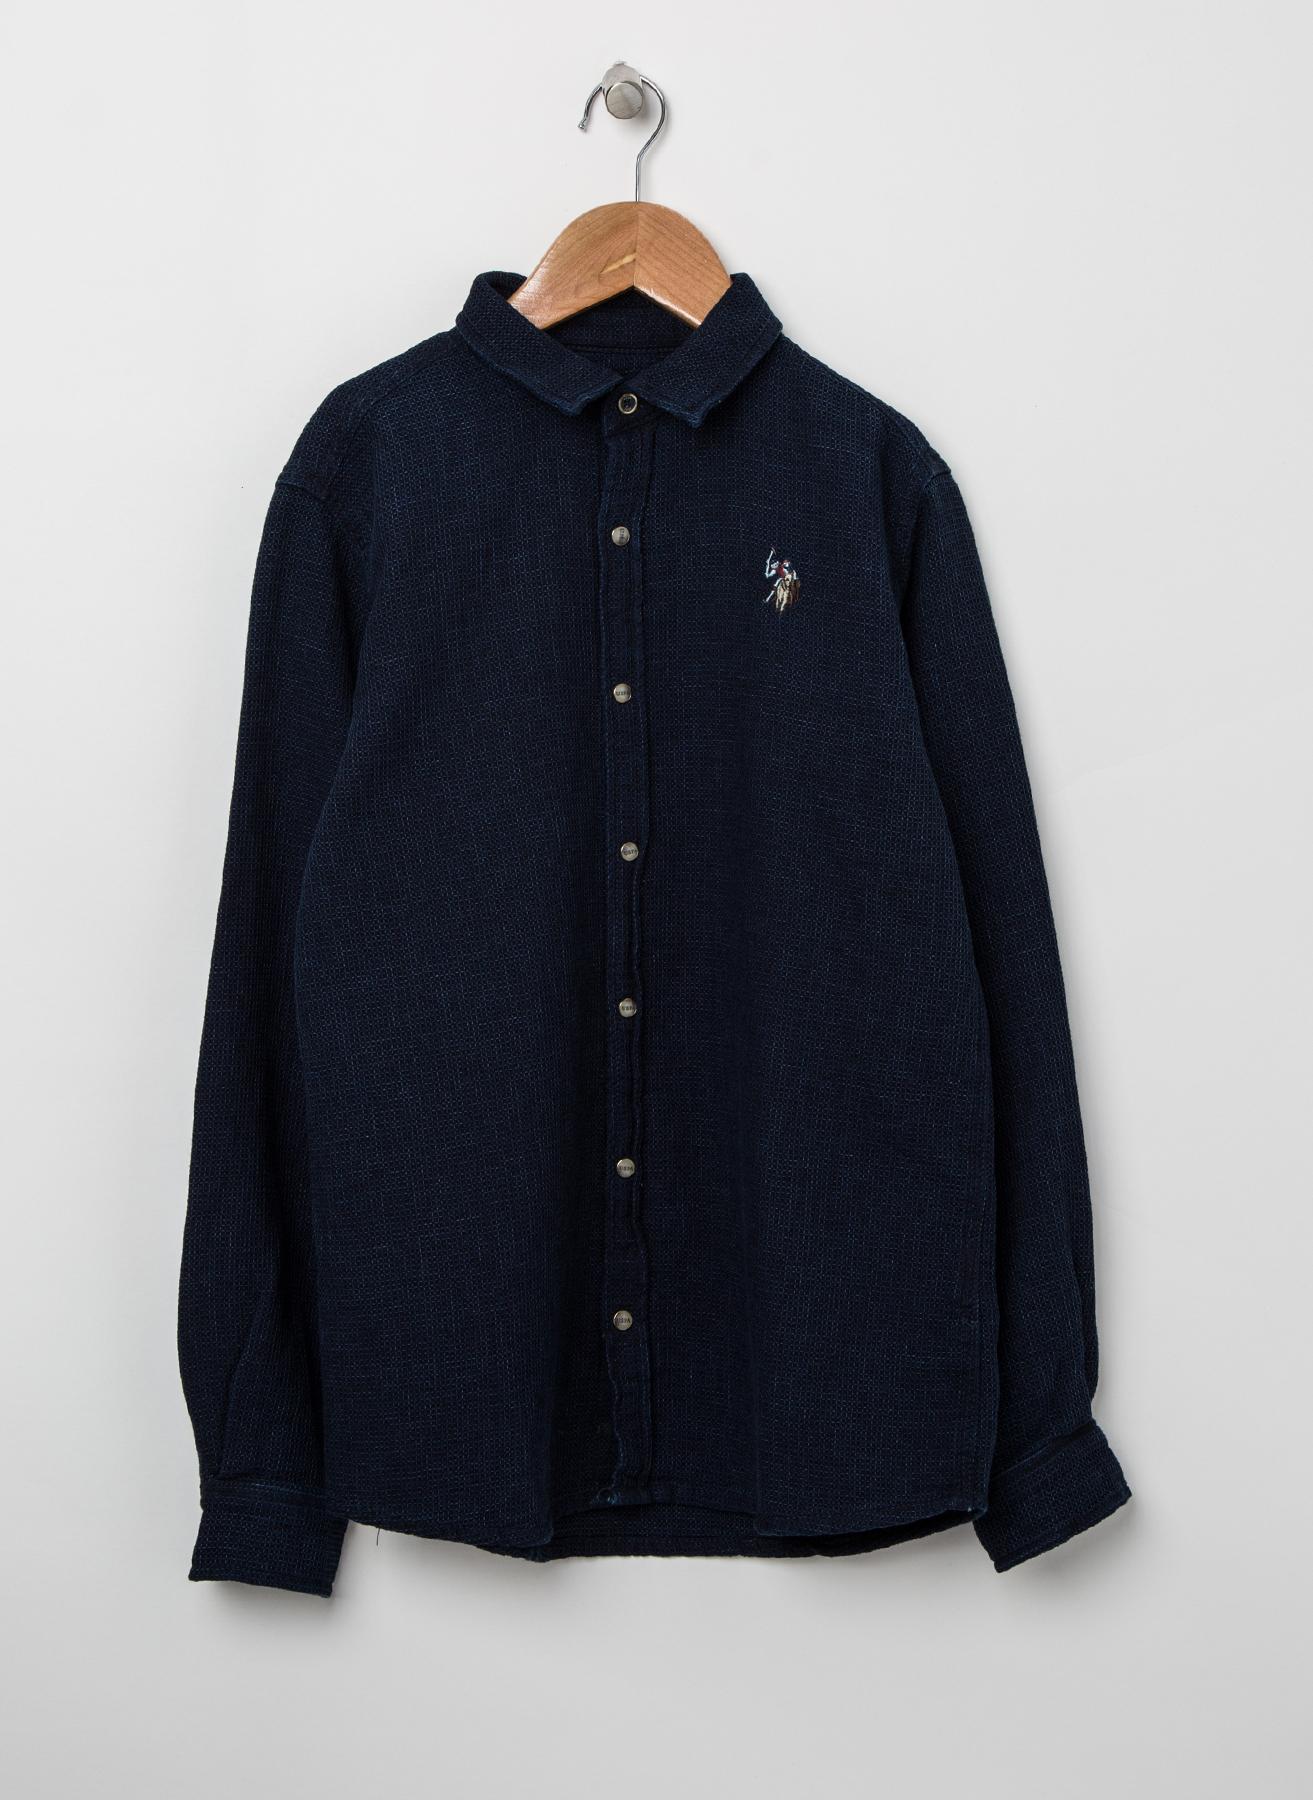 U.S. Polo Assn. Lacivert Gömlek 5 Yaş 5001823792006 Ürün Resmi